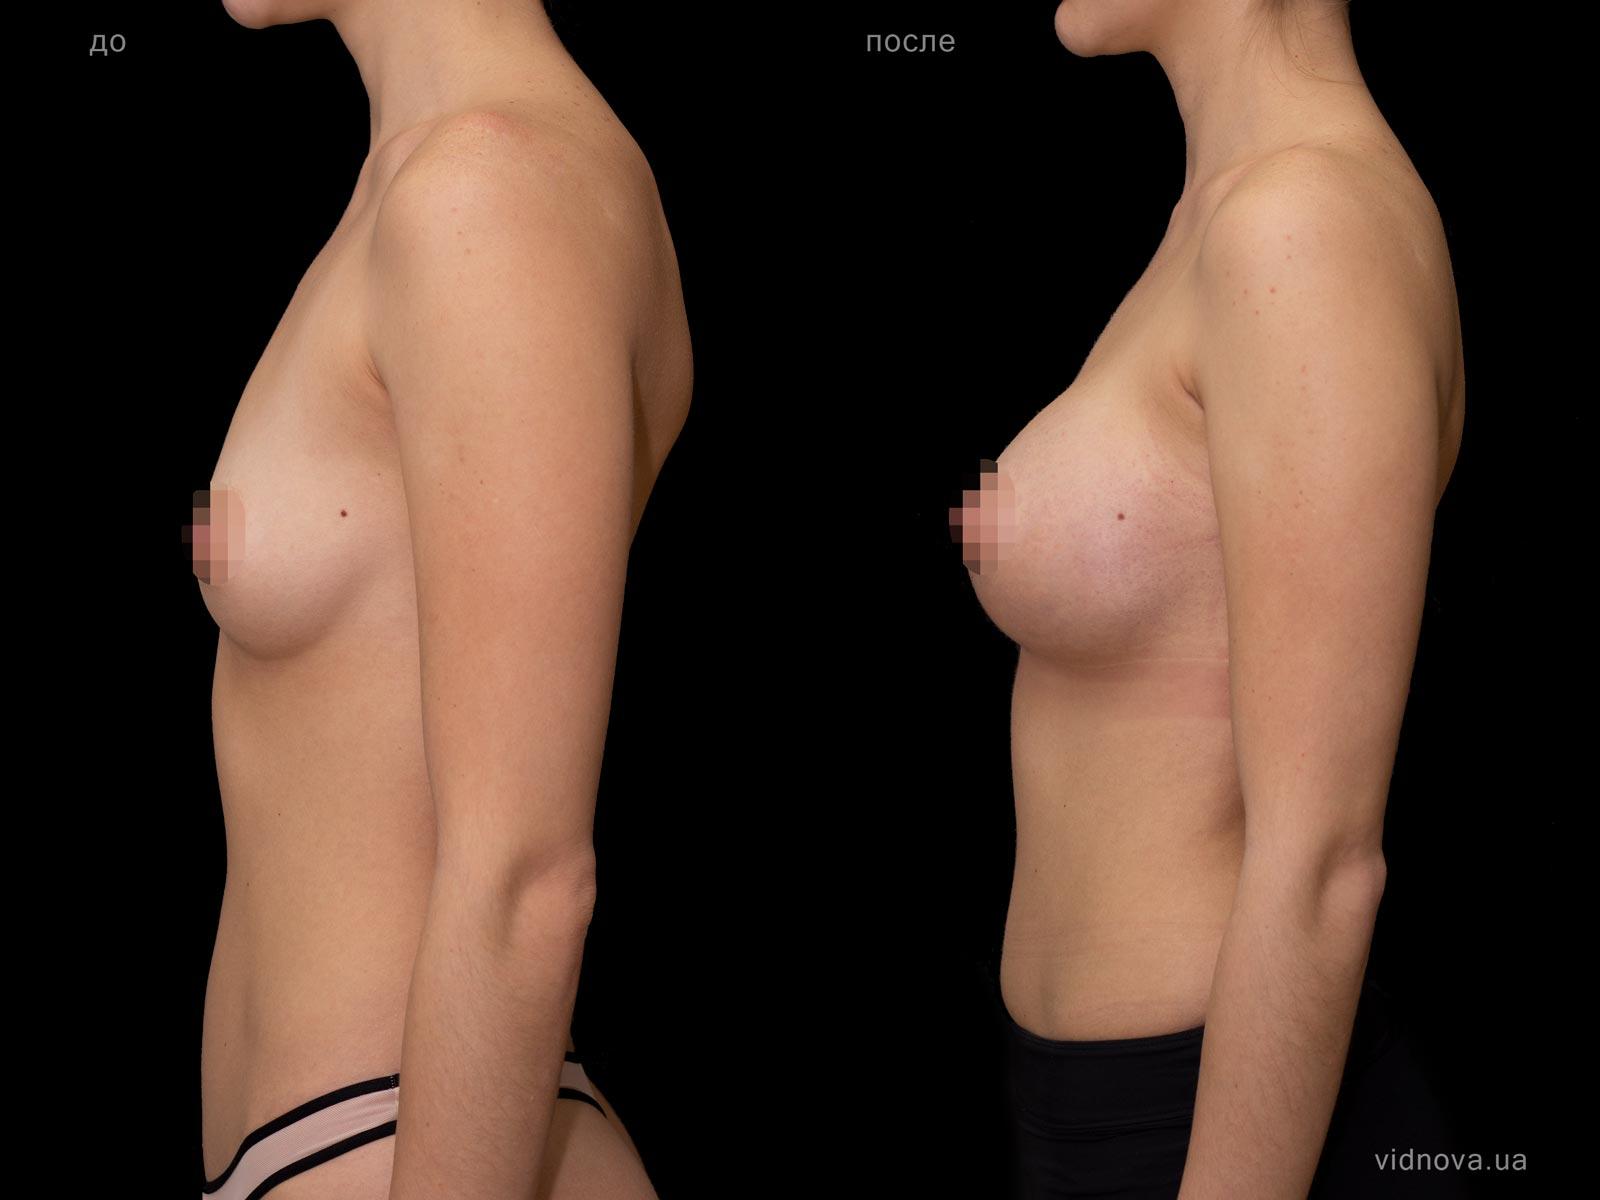 Пластика груди: результаты до и после - Пример №74-2 - Светлана Работенко